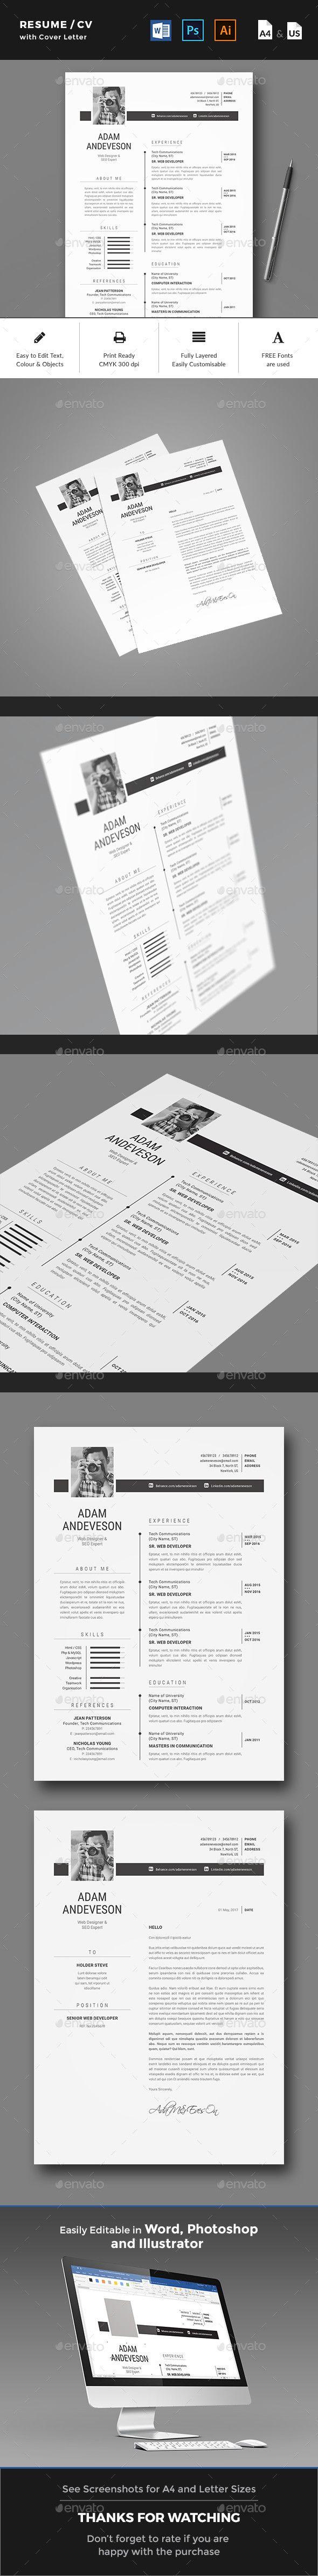 Resume CV 25 best Resume